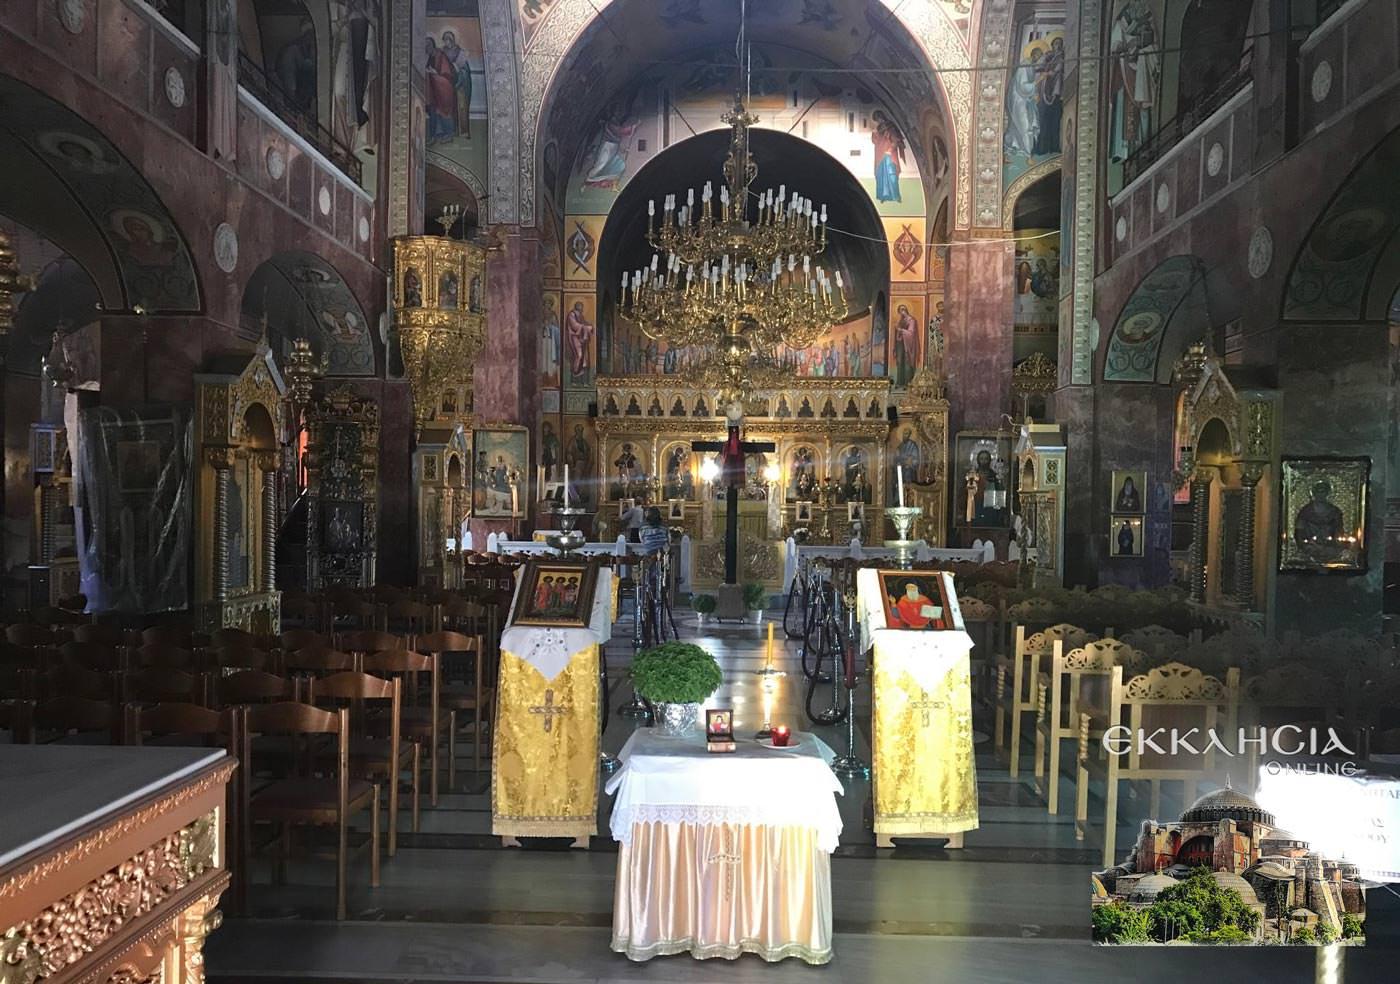 Άγιος Αμφιλόχιος Μακρής Ιερός Ναός Αγίου Γεωργίου 2019